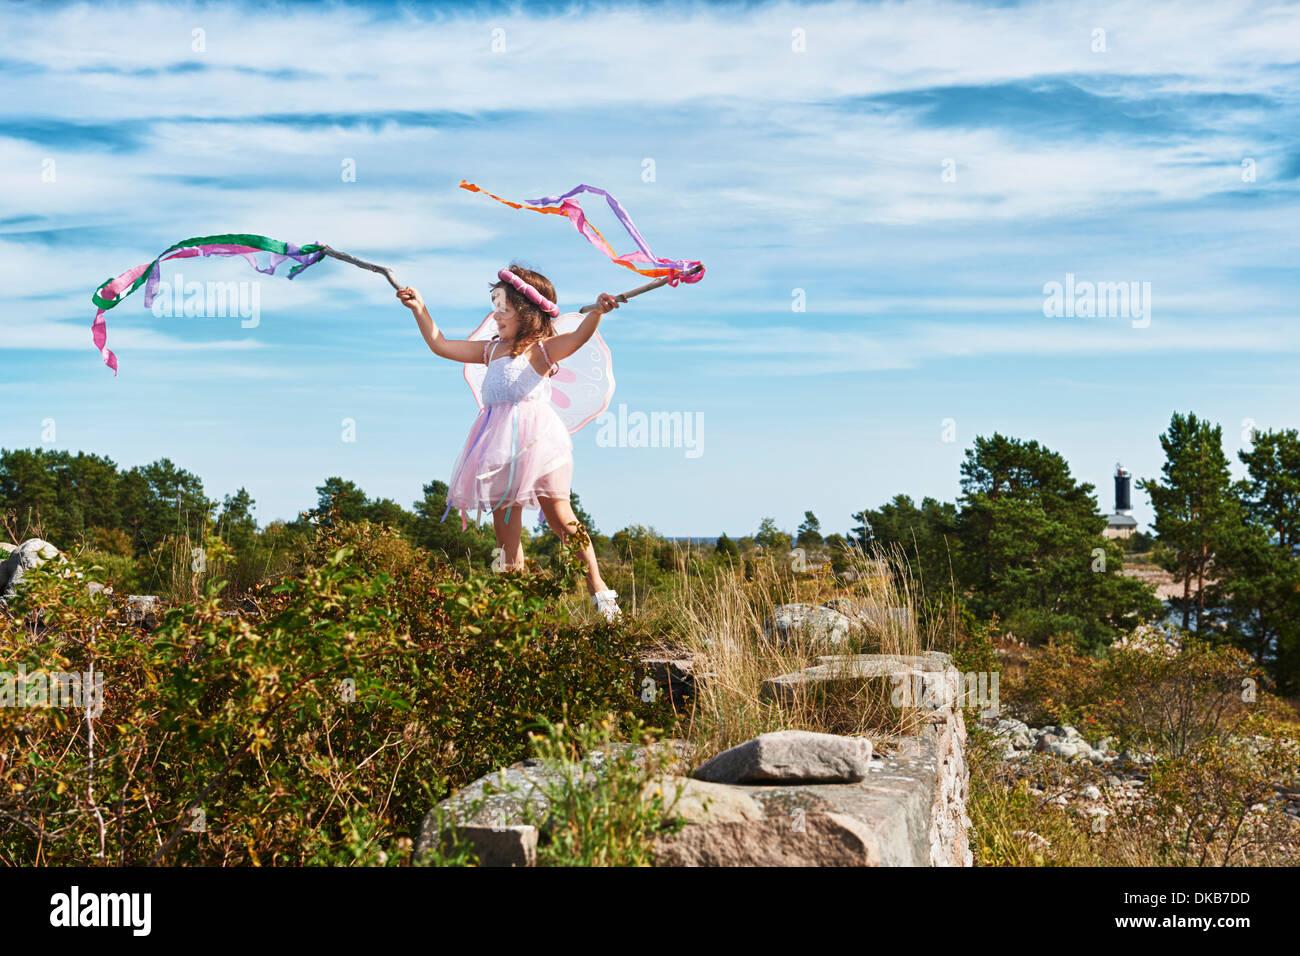 Girl in fancy dress holding streamers, Eggergrund, Sweden - Stock Image